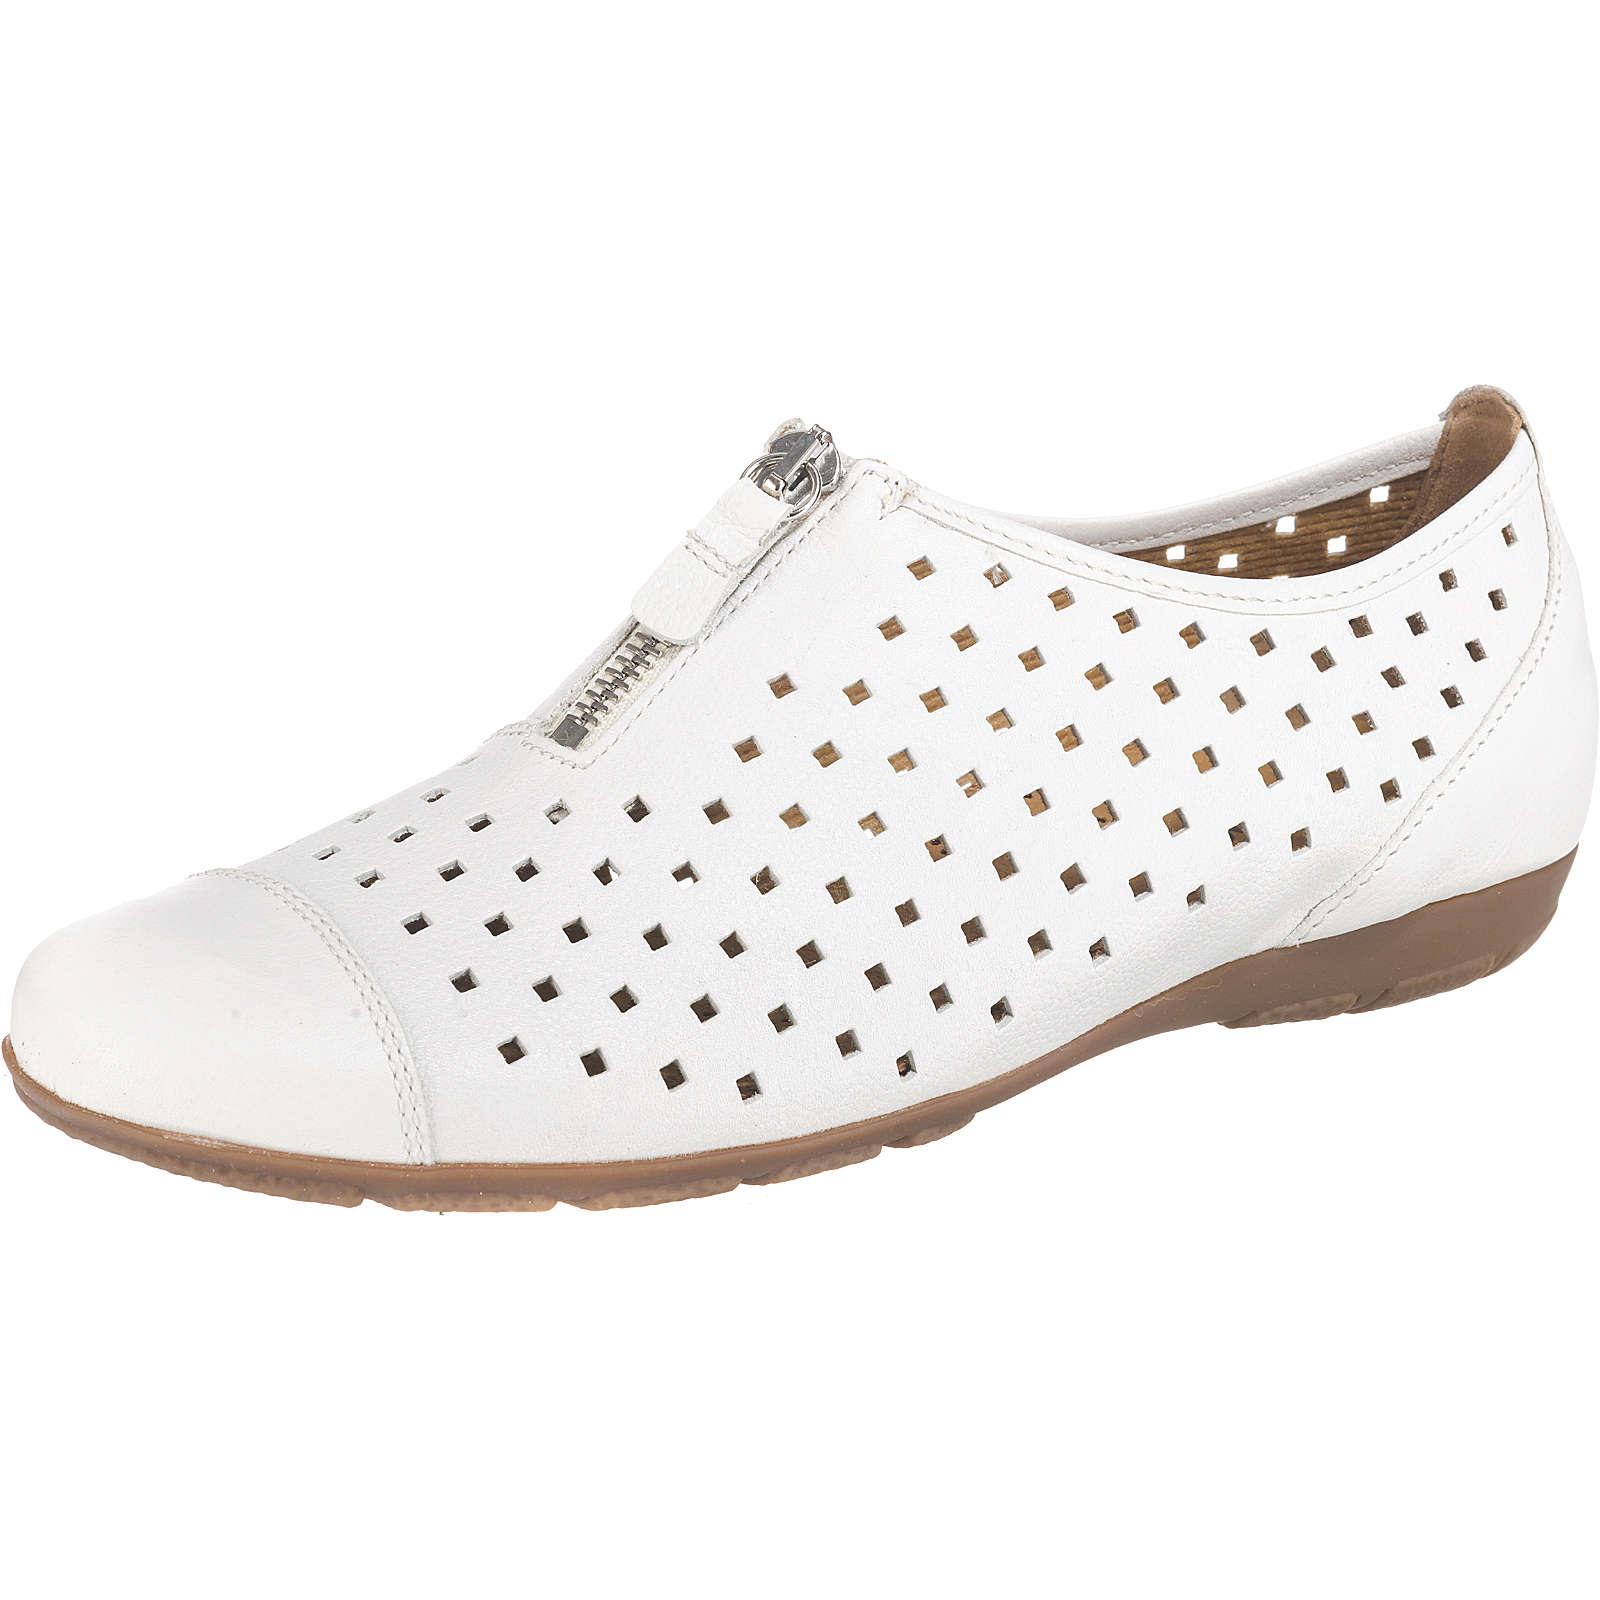 Gabor Sportliche Ballerinas weiß Damen Gr. 38